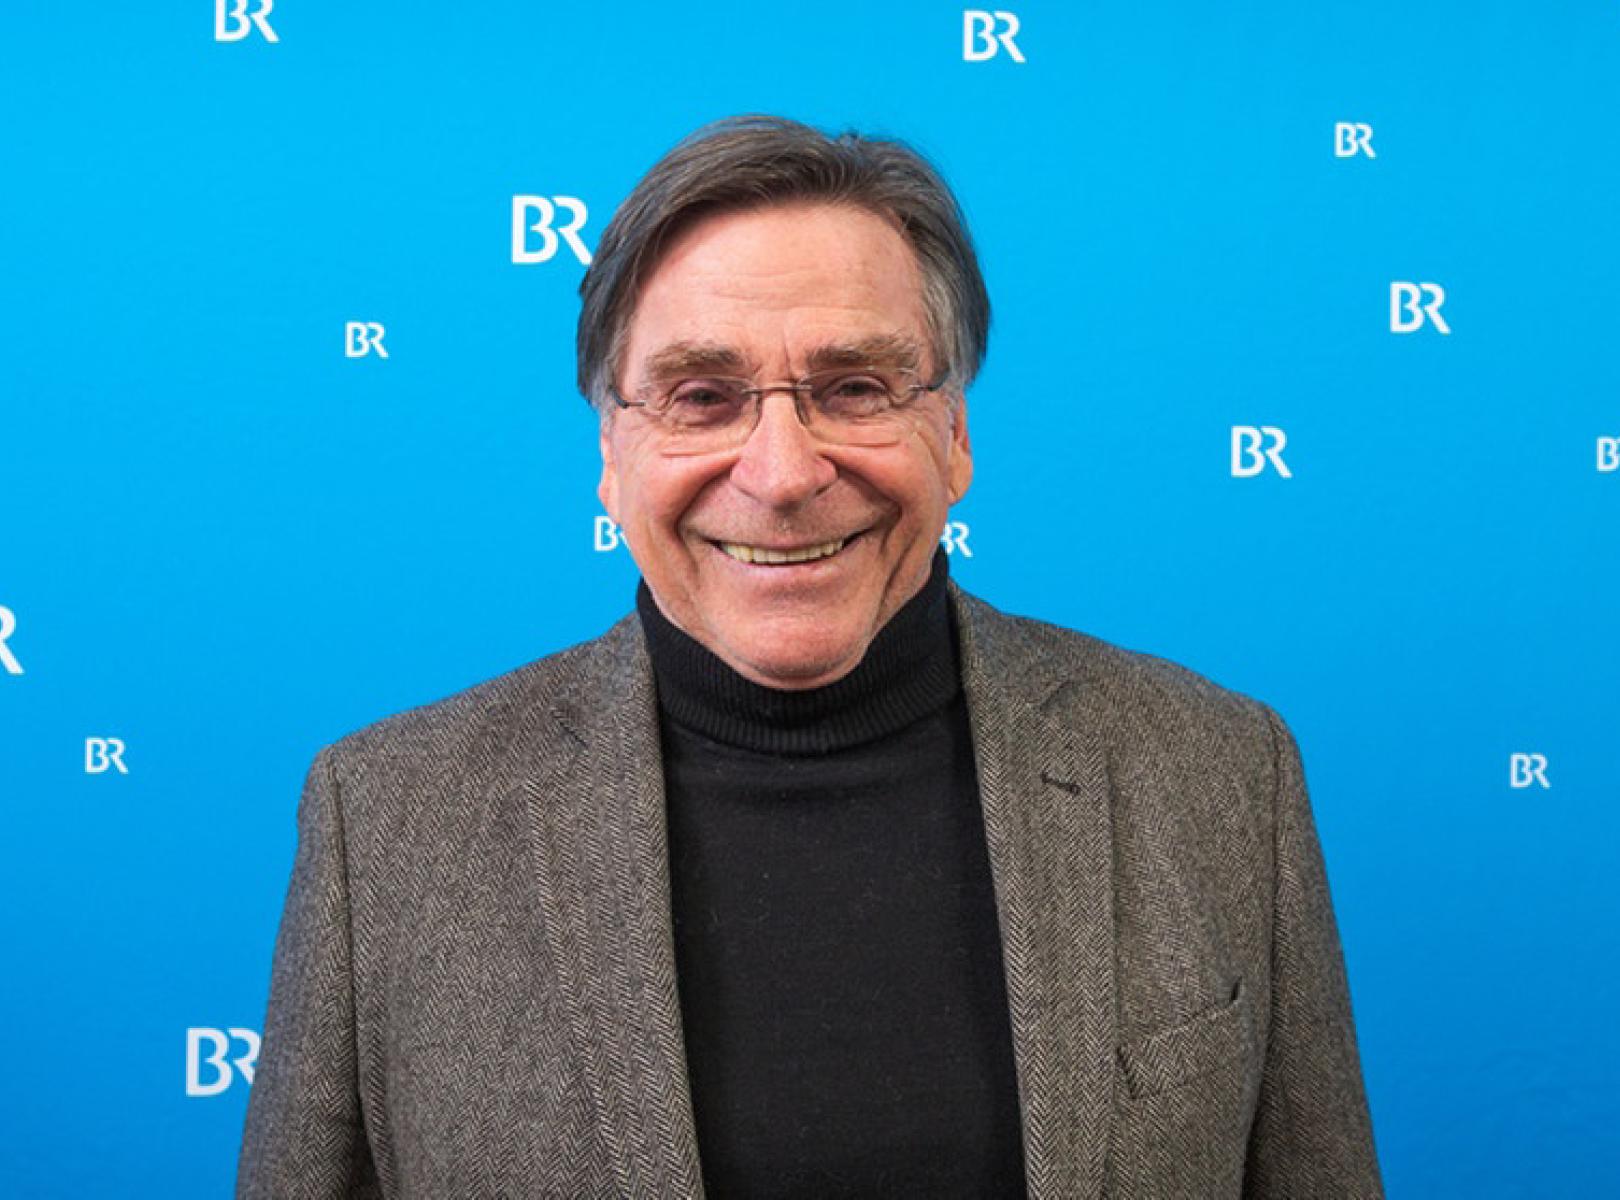 Referenzen Br Radio Bayern2 -12.01.2021